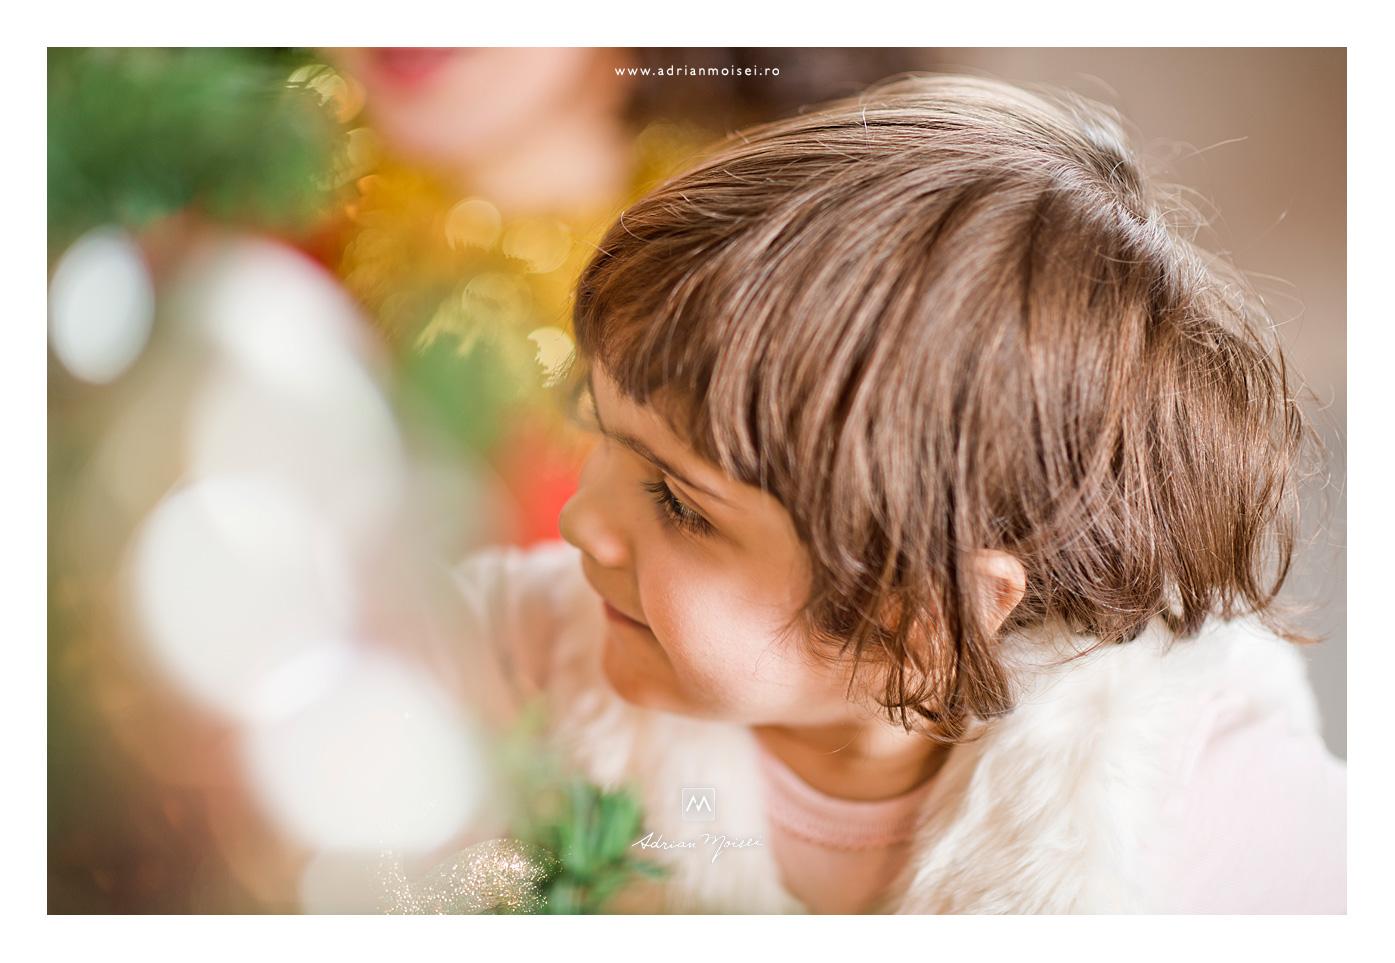 Mamica si fetita la bradut de Crăciun, Adrian Moisei fotograf de familie Iași